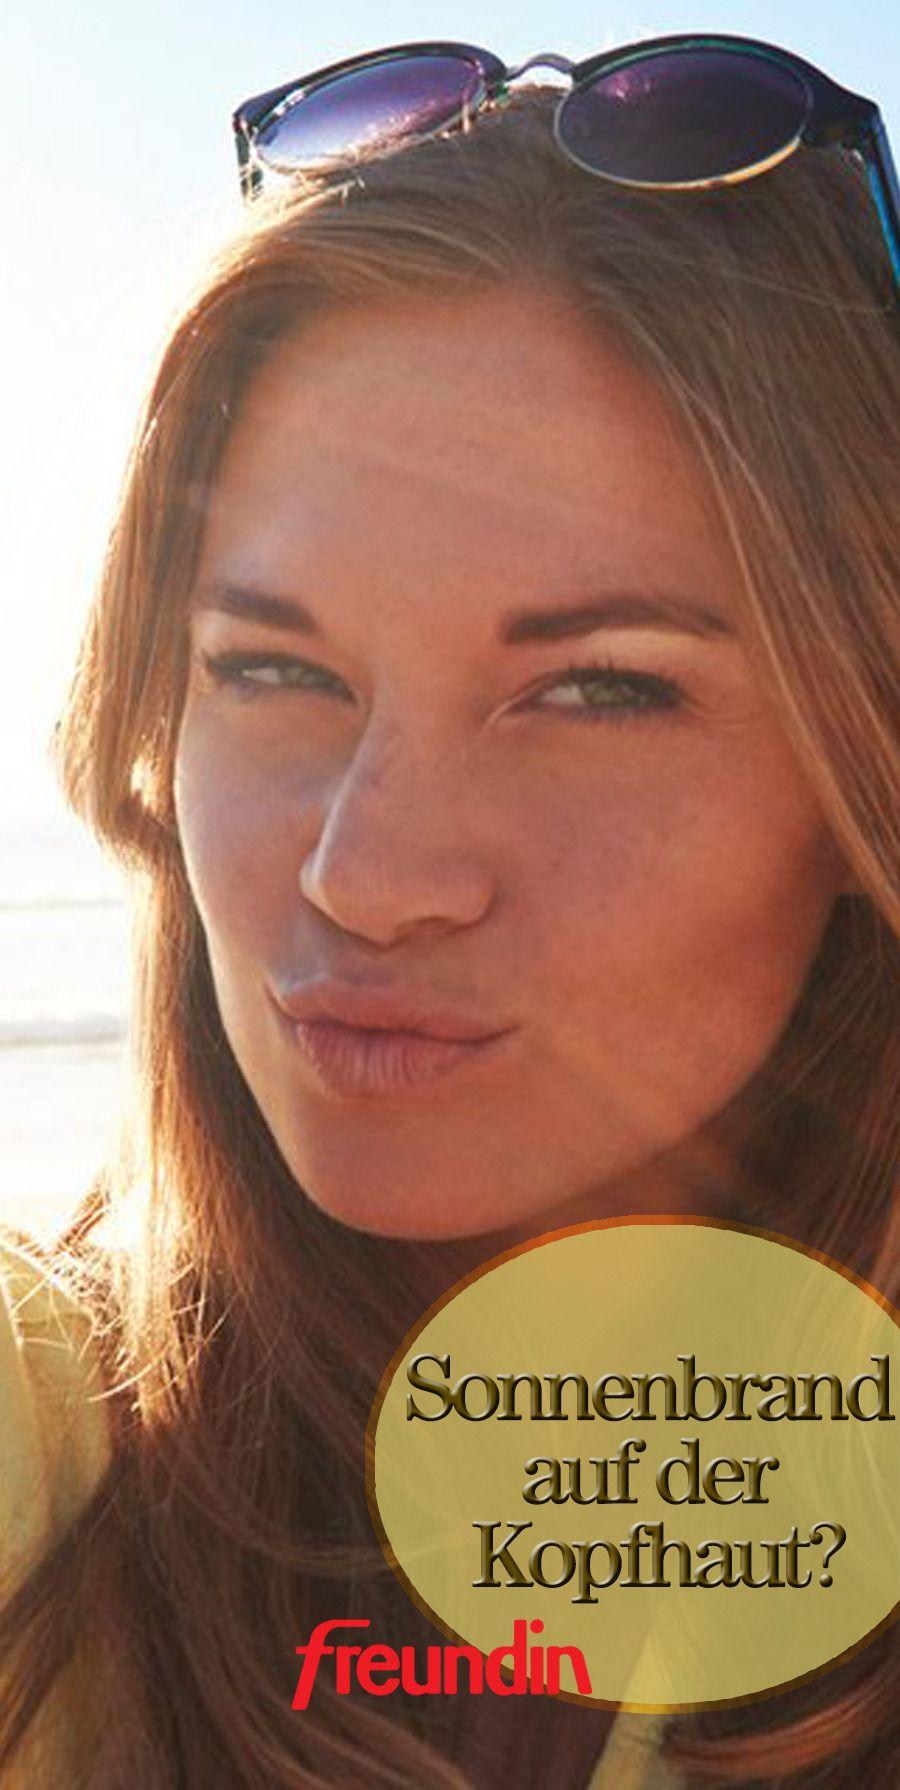 Sonnenbrand auf der Kopfhaut: Was hilft? (mit Bildern